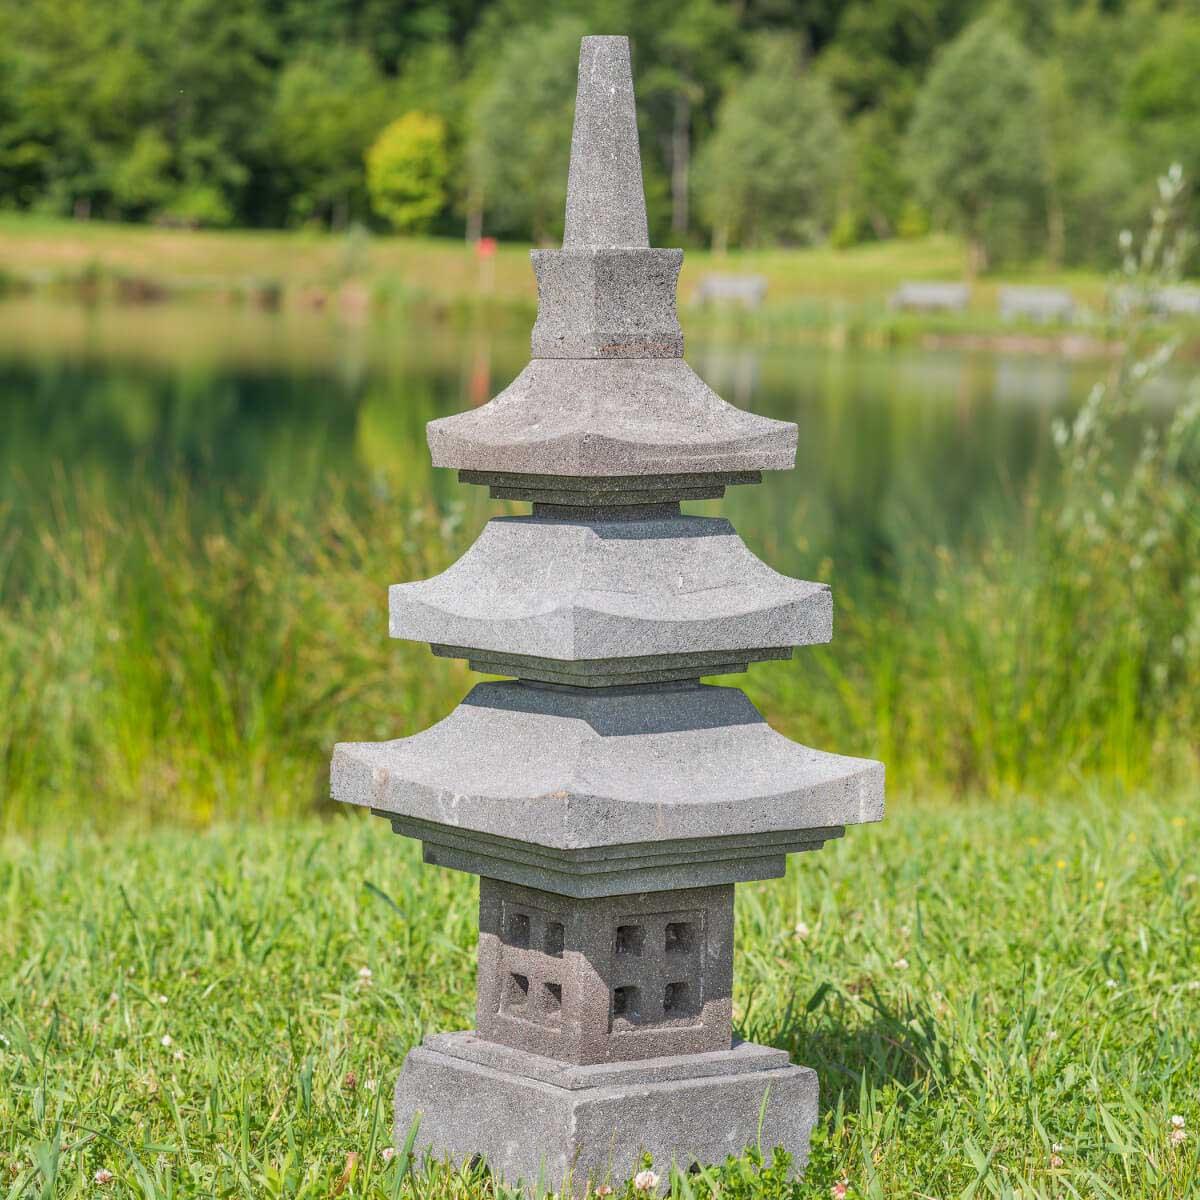 Wanda Collection Lanterne japonaise pagode en pierre de lave 90 cm